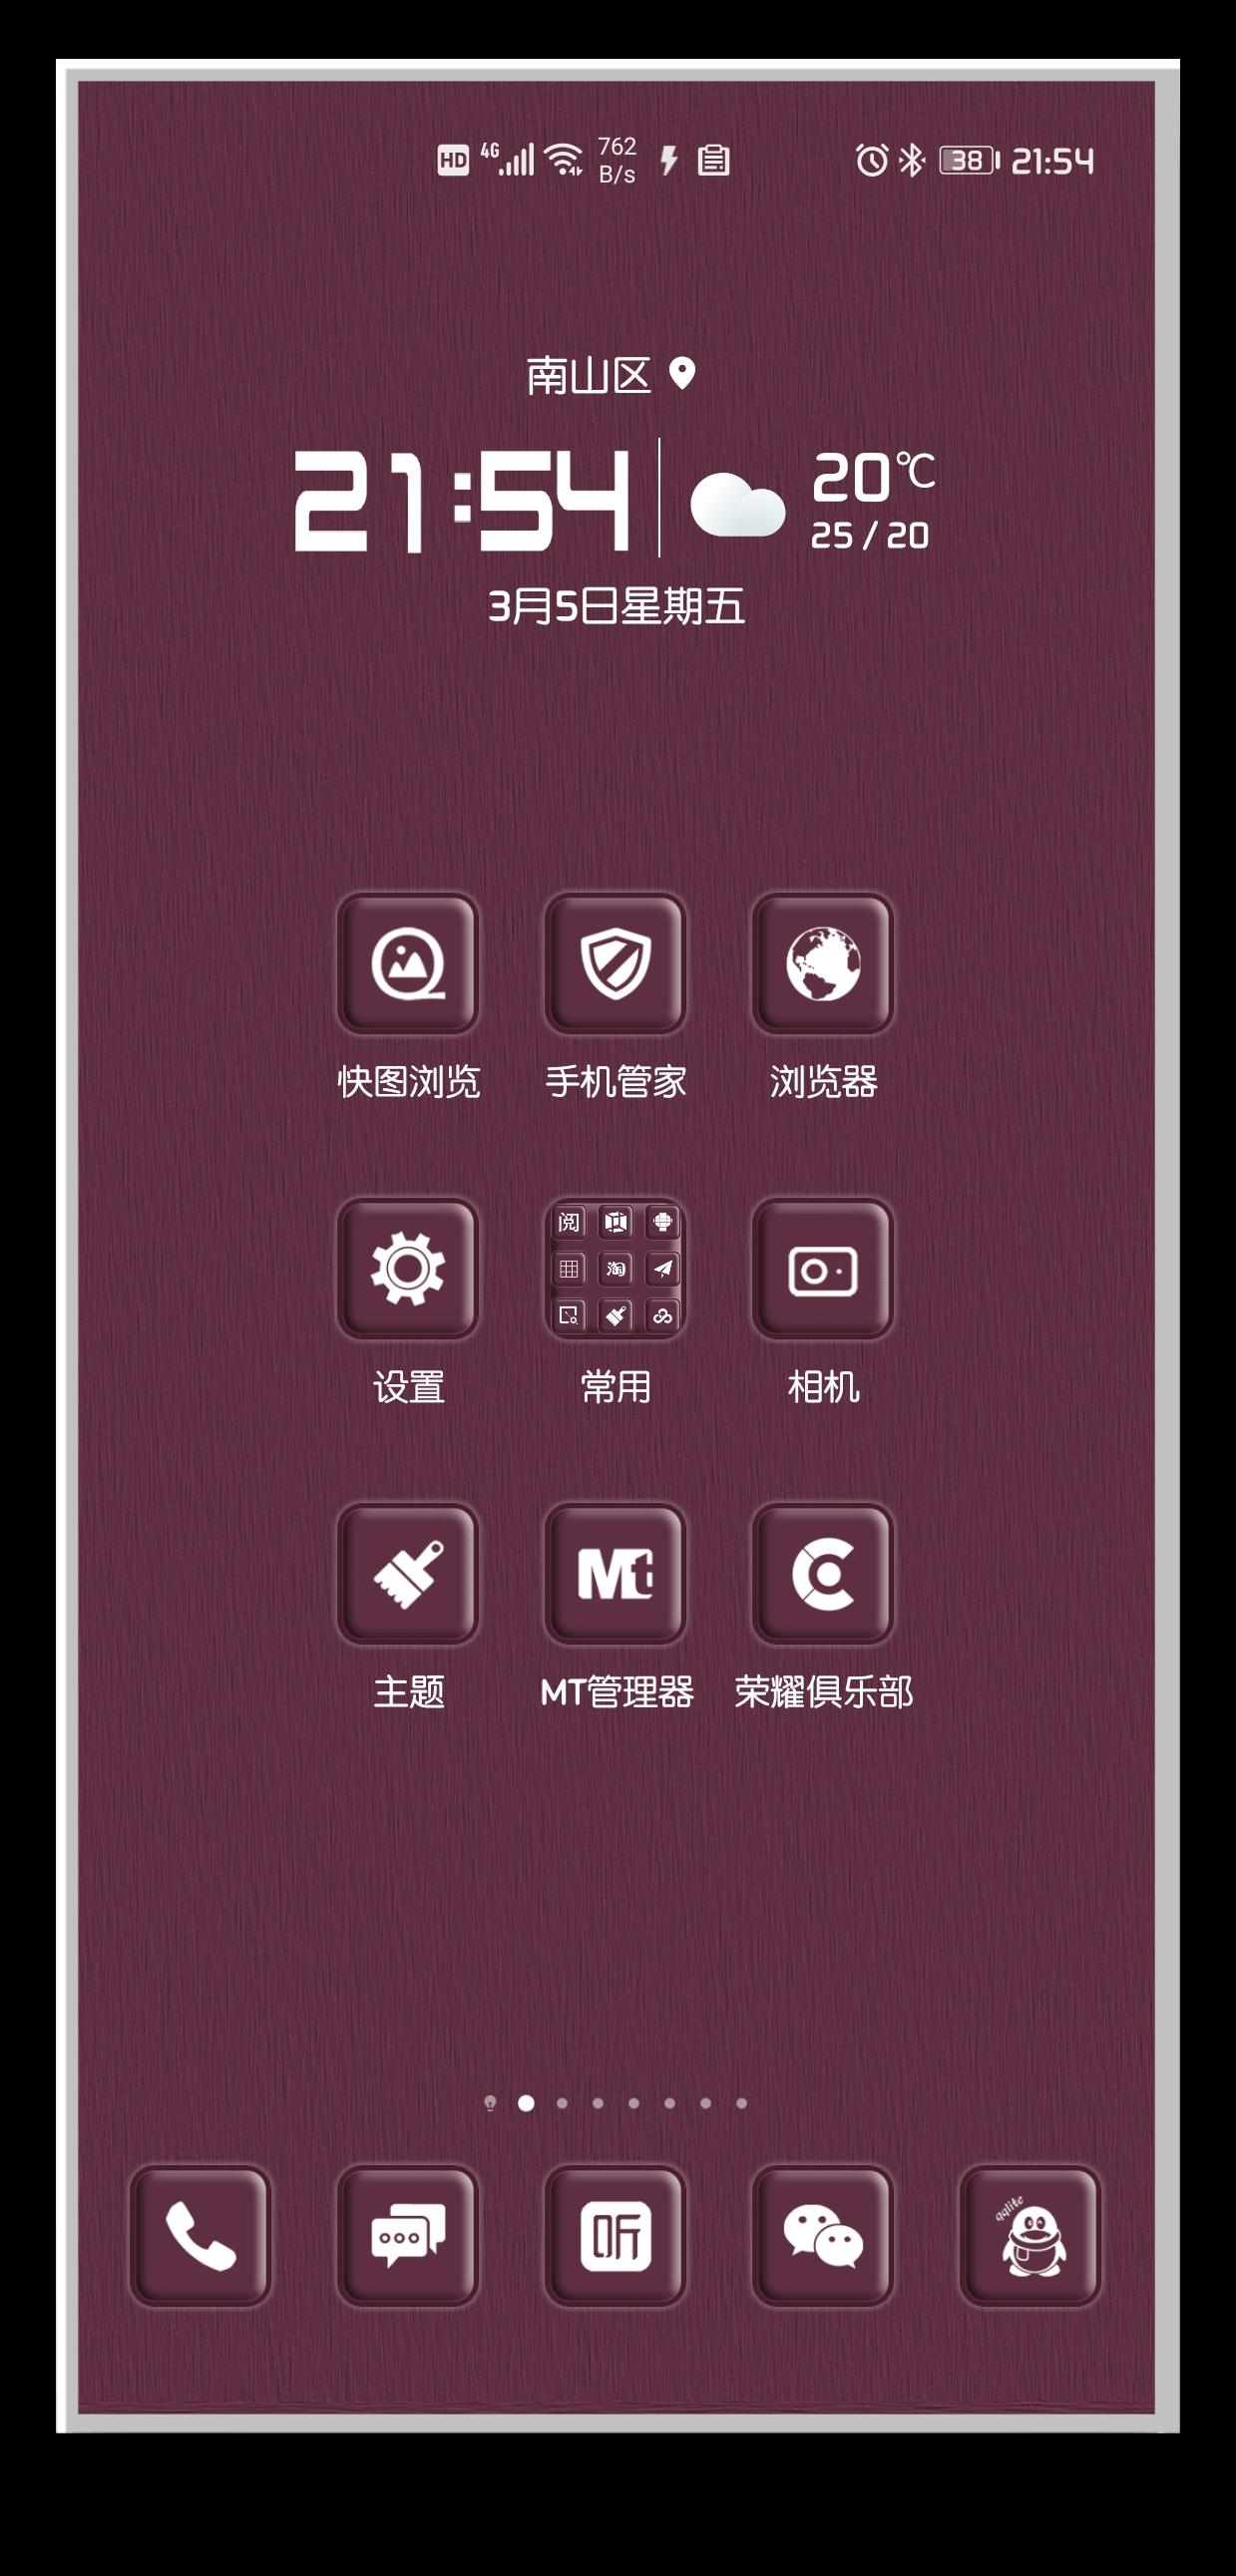 HiShoot_20210305_220237.png